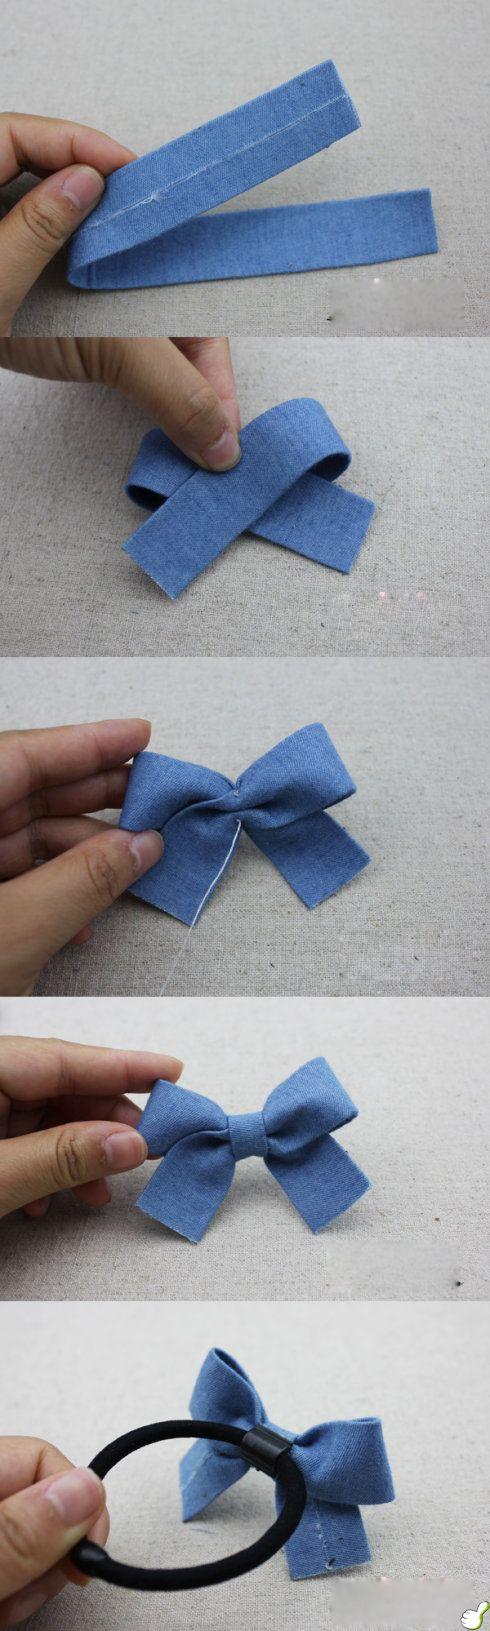 Extrem comment coudre un noeud papillon en tissu | kanzaschi | Pinterest  XN48